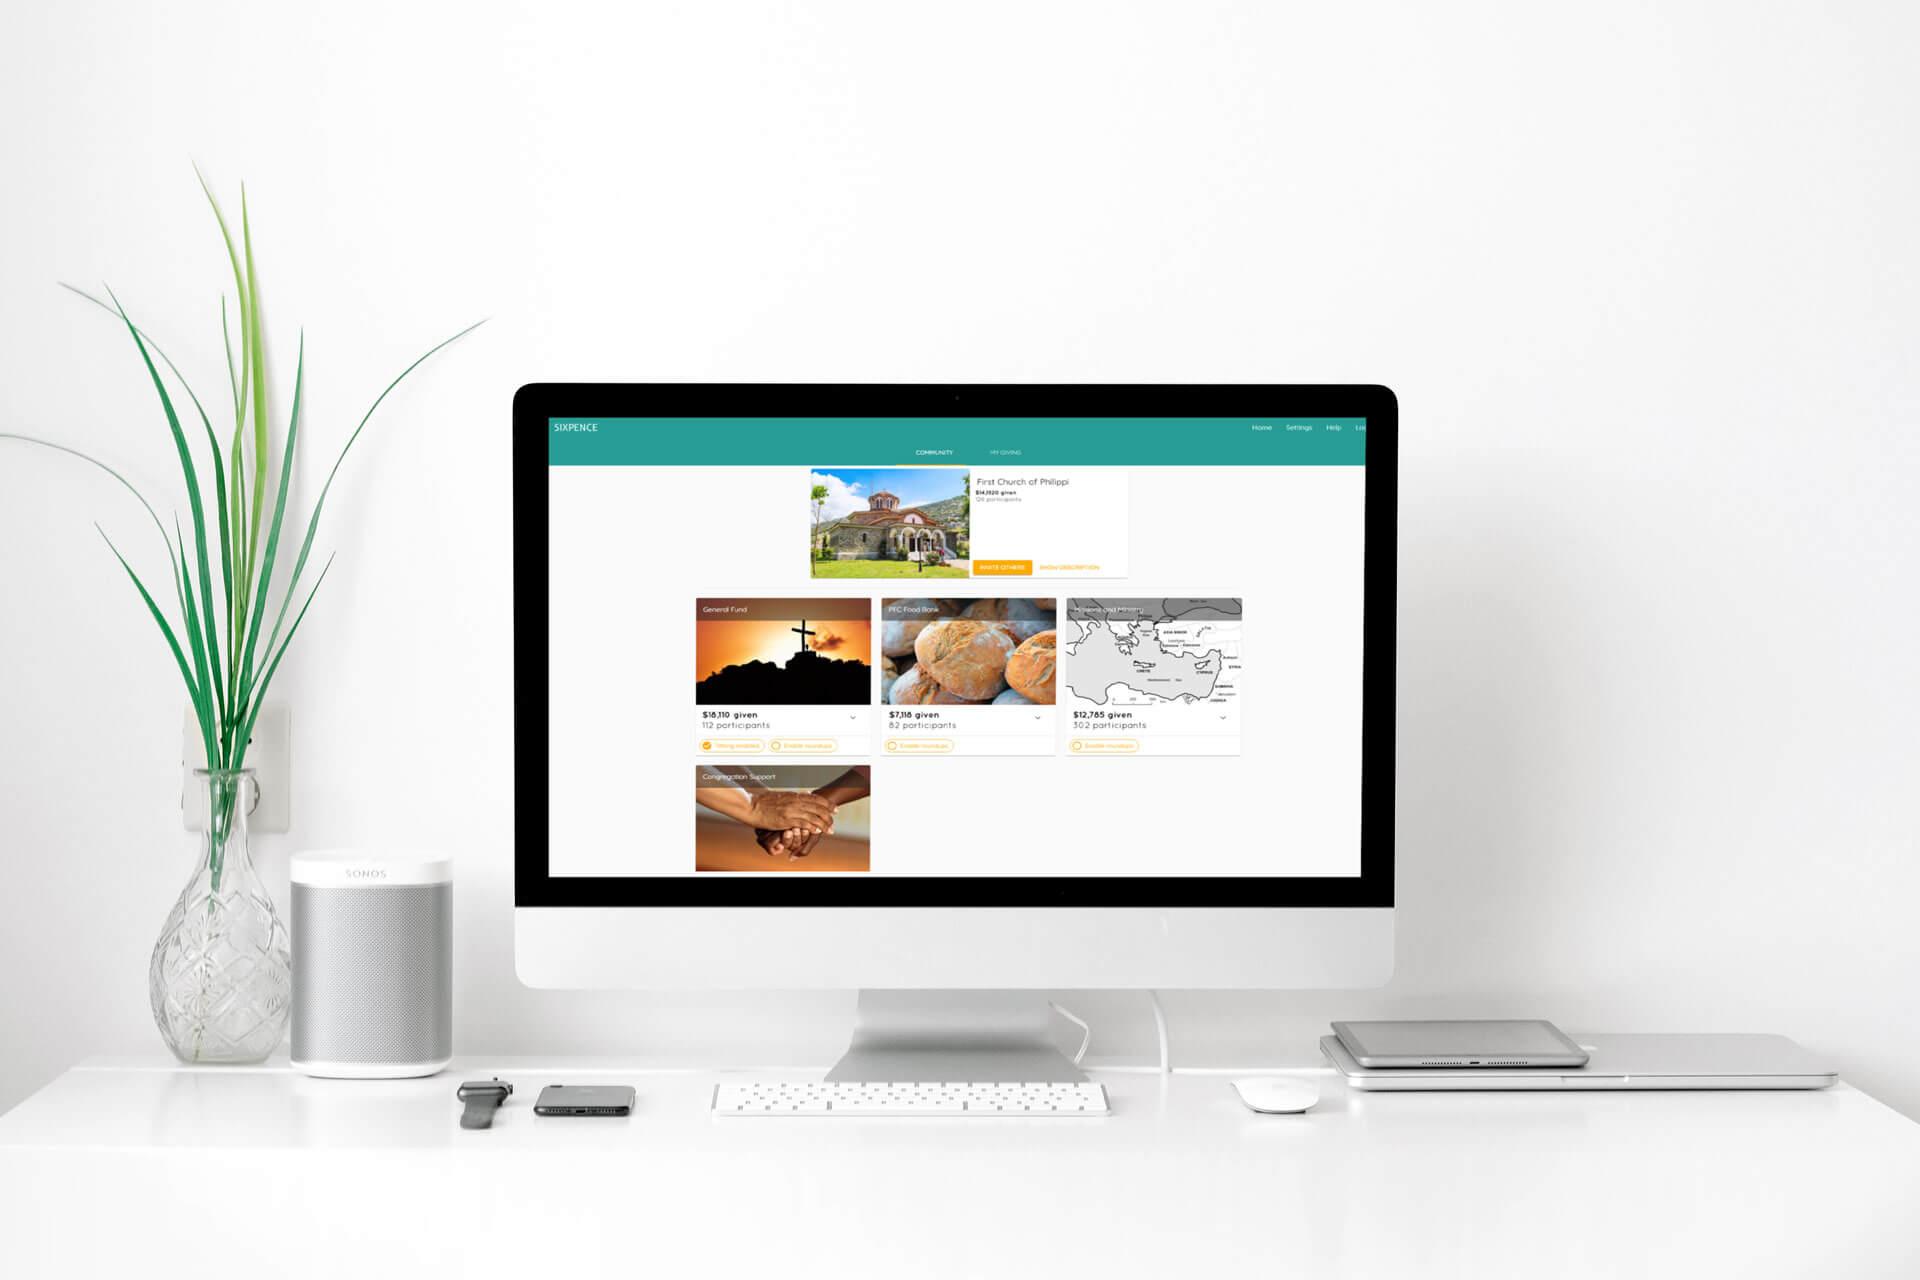 webapp-desktop